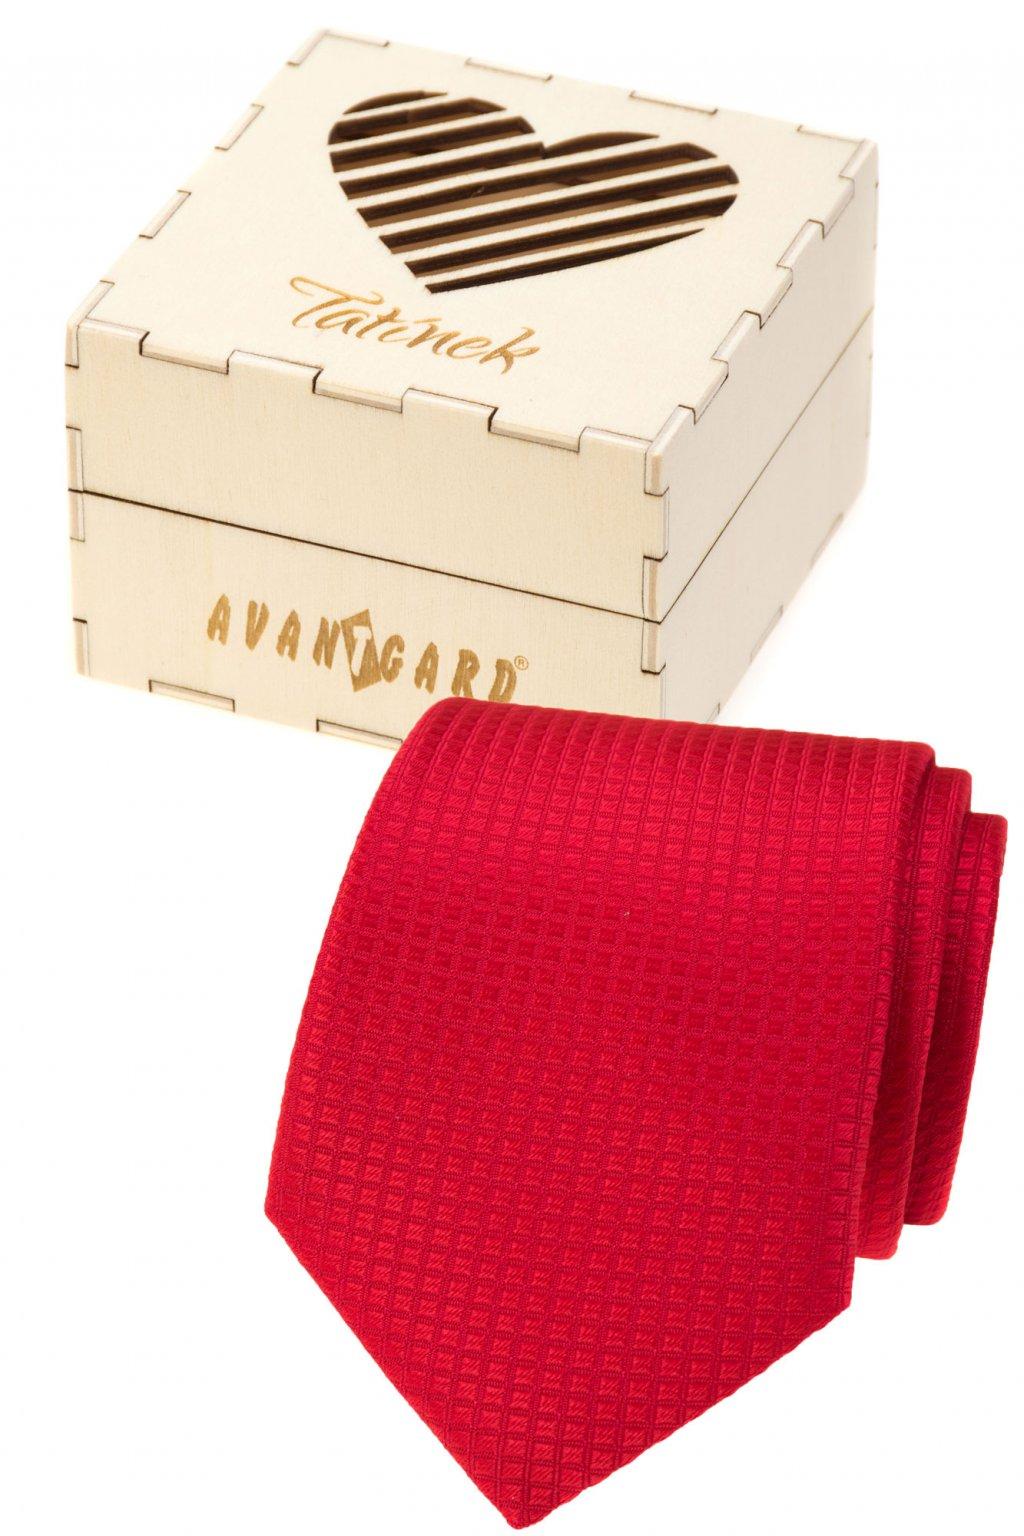 Dárkový set Tatínek - Kravata v dárkové dřevěné krabičce s nápisem, 919-37224, Červená, přírodní dřevo